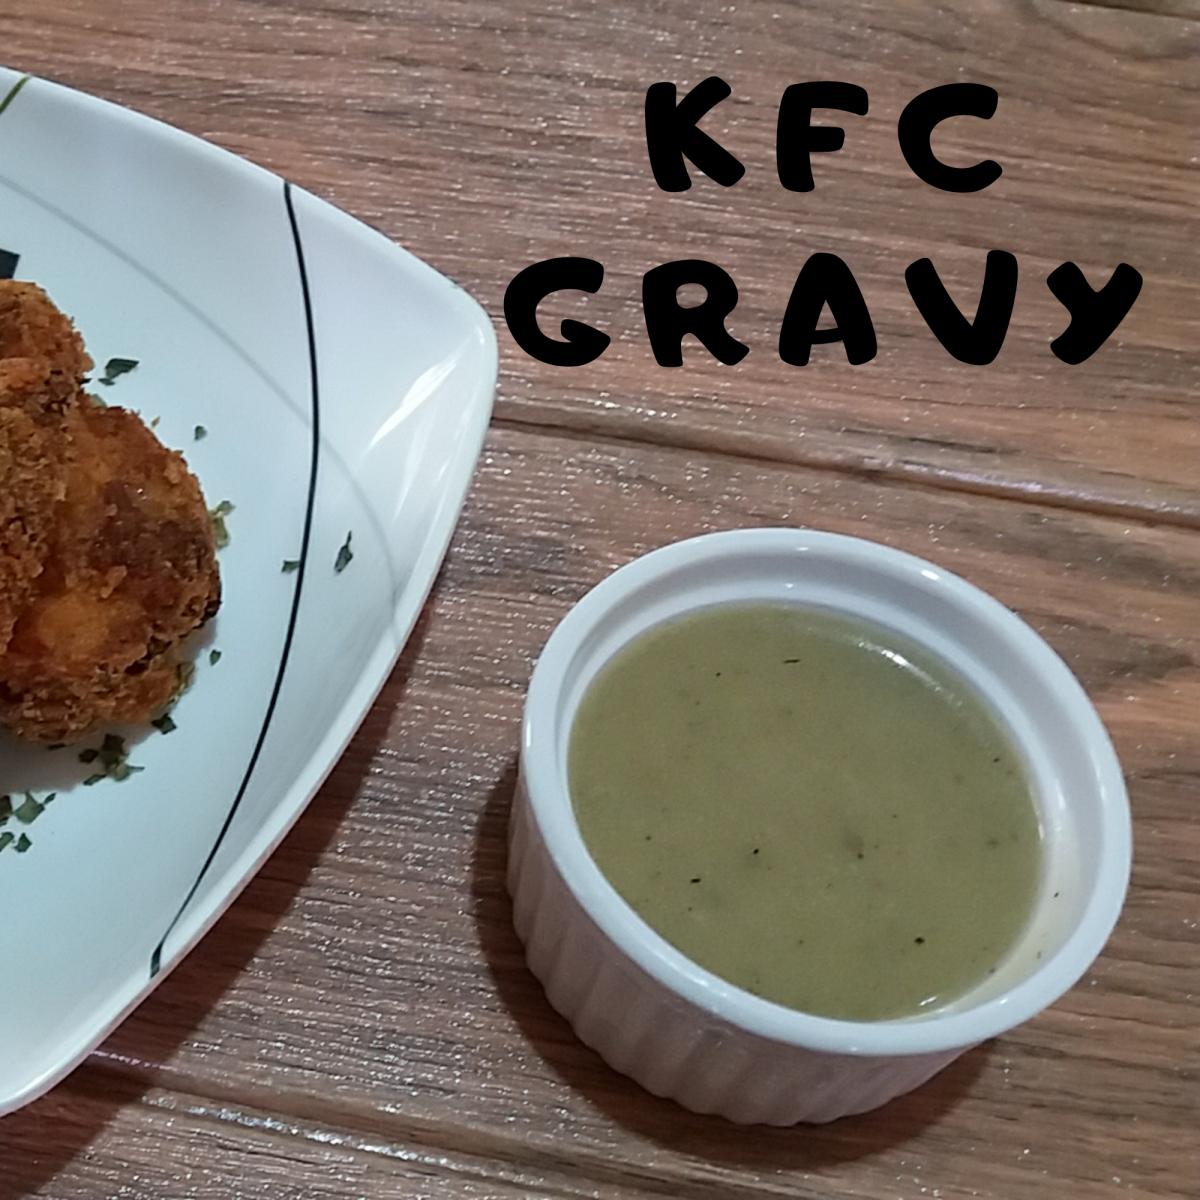 How to Make KFC Gravy